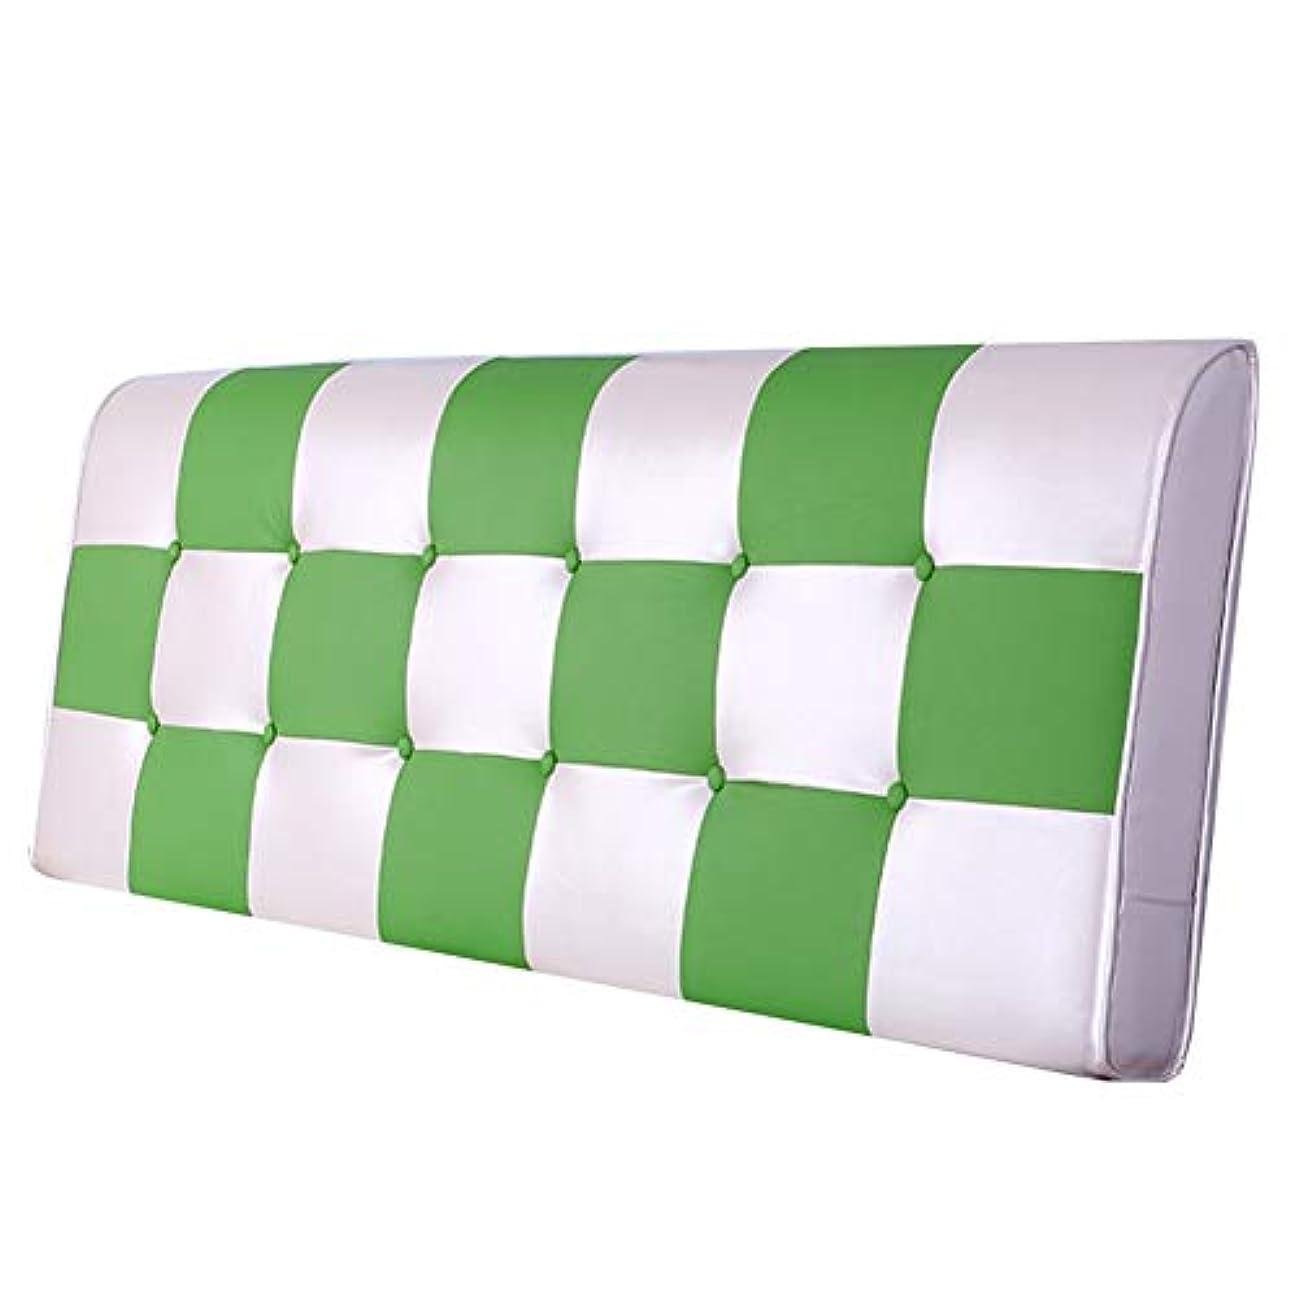 巨人スクリュー知るLIANGLIANG クションベッドの背もたれ家具 二人用ロングピロー ベッドレストベッド枕 ソファソフトバッグ ポジショニング サポート 快適 PU 6色、12サイズ (色 : Green, サイズ さいず : 140x58x10cm)